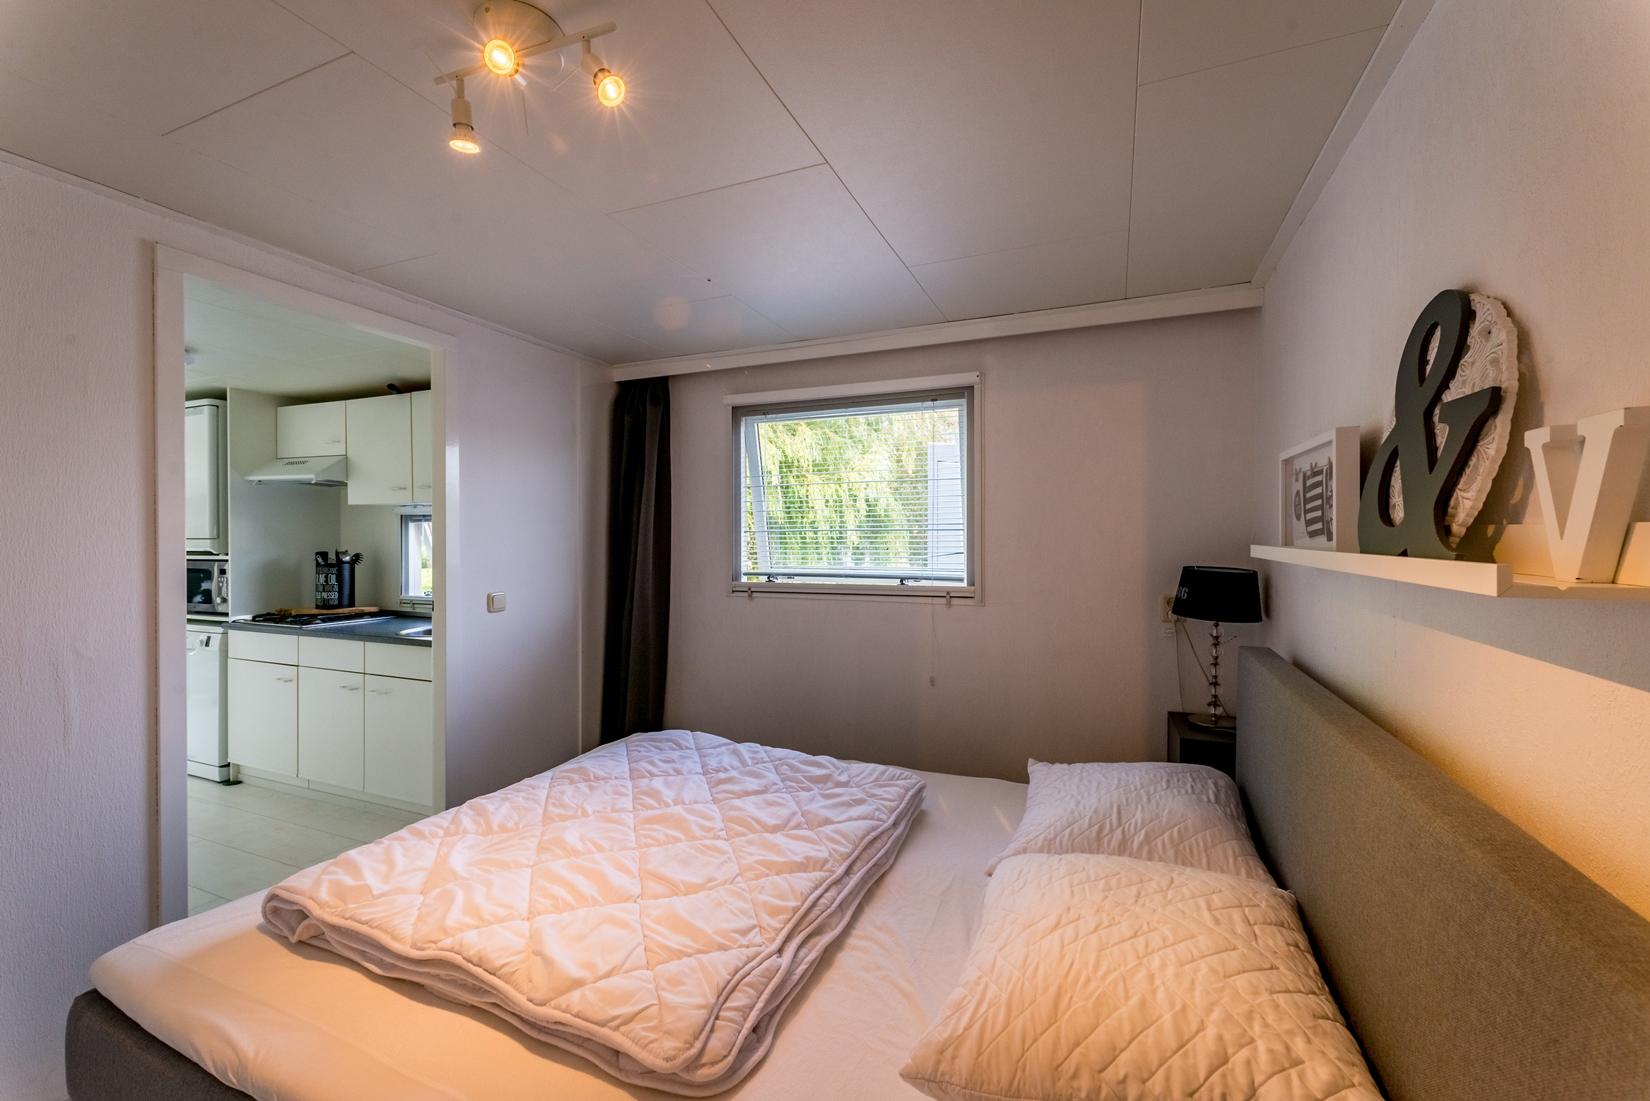 chalet-gestrand-interieur-master-bedroom--licht-doorkijk-keuken